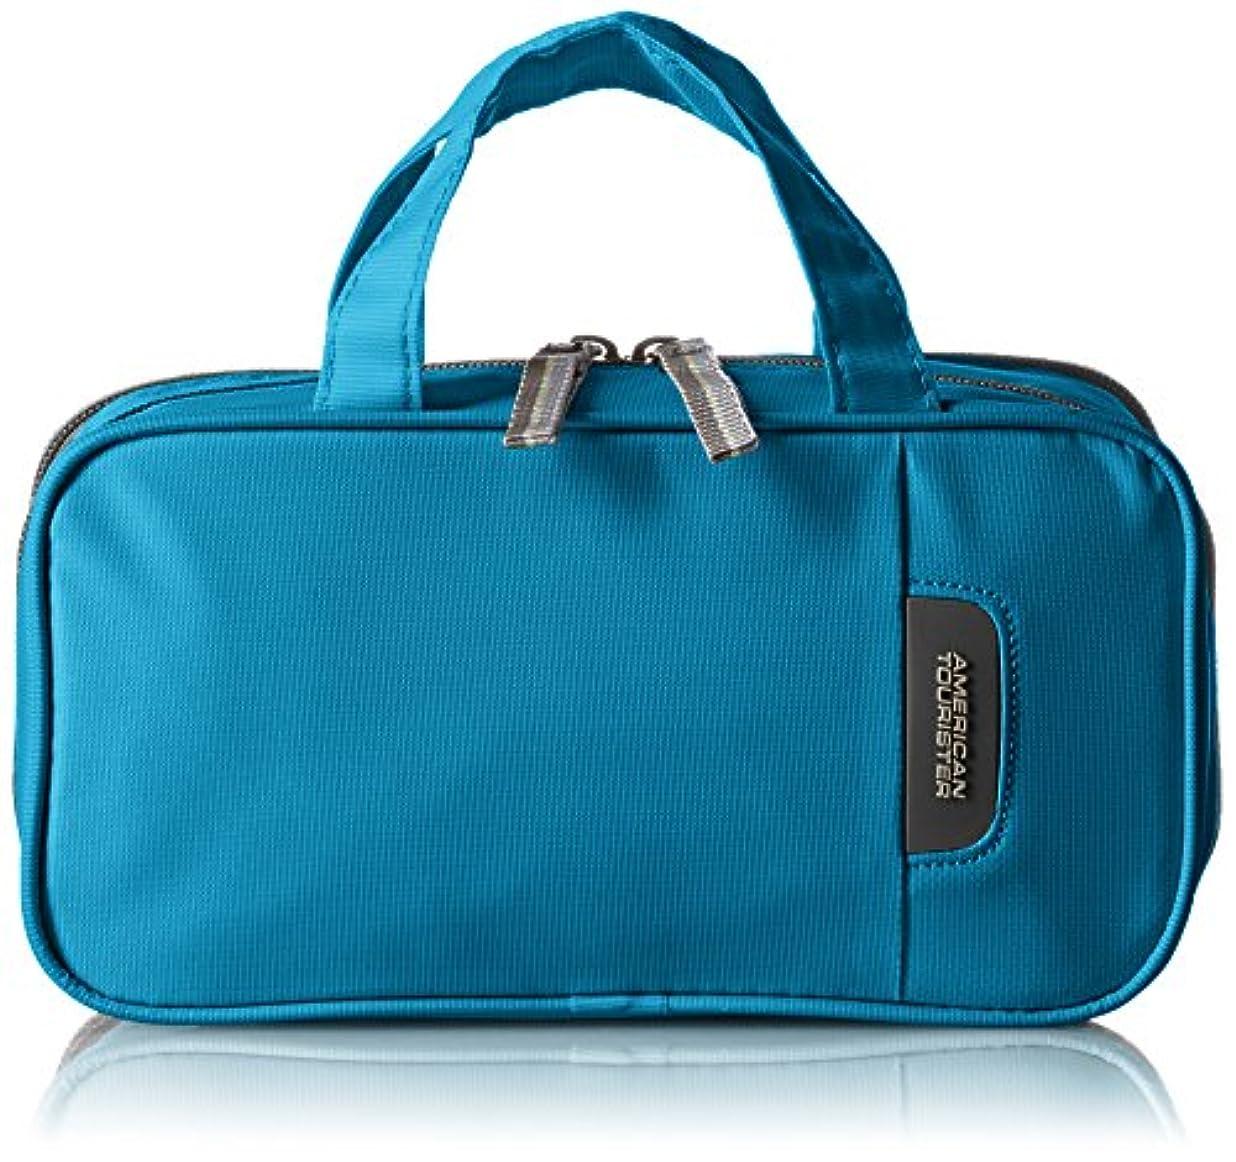 談話ブレース北[アメリカンツーリスター] トイレタリーバッグ 旅行小物 コスメティック ケース 13 cm 0.13 kg 57302 国内正規品 メーカー保証付き